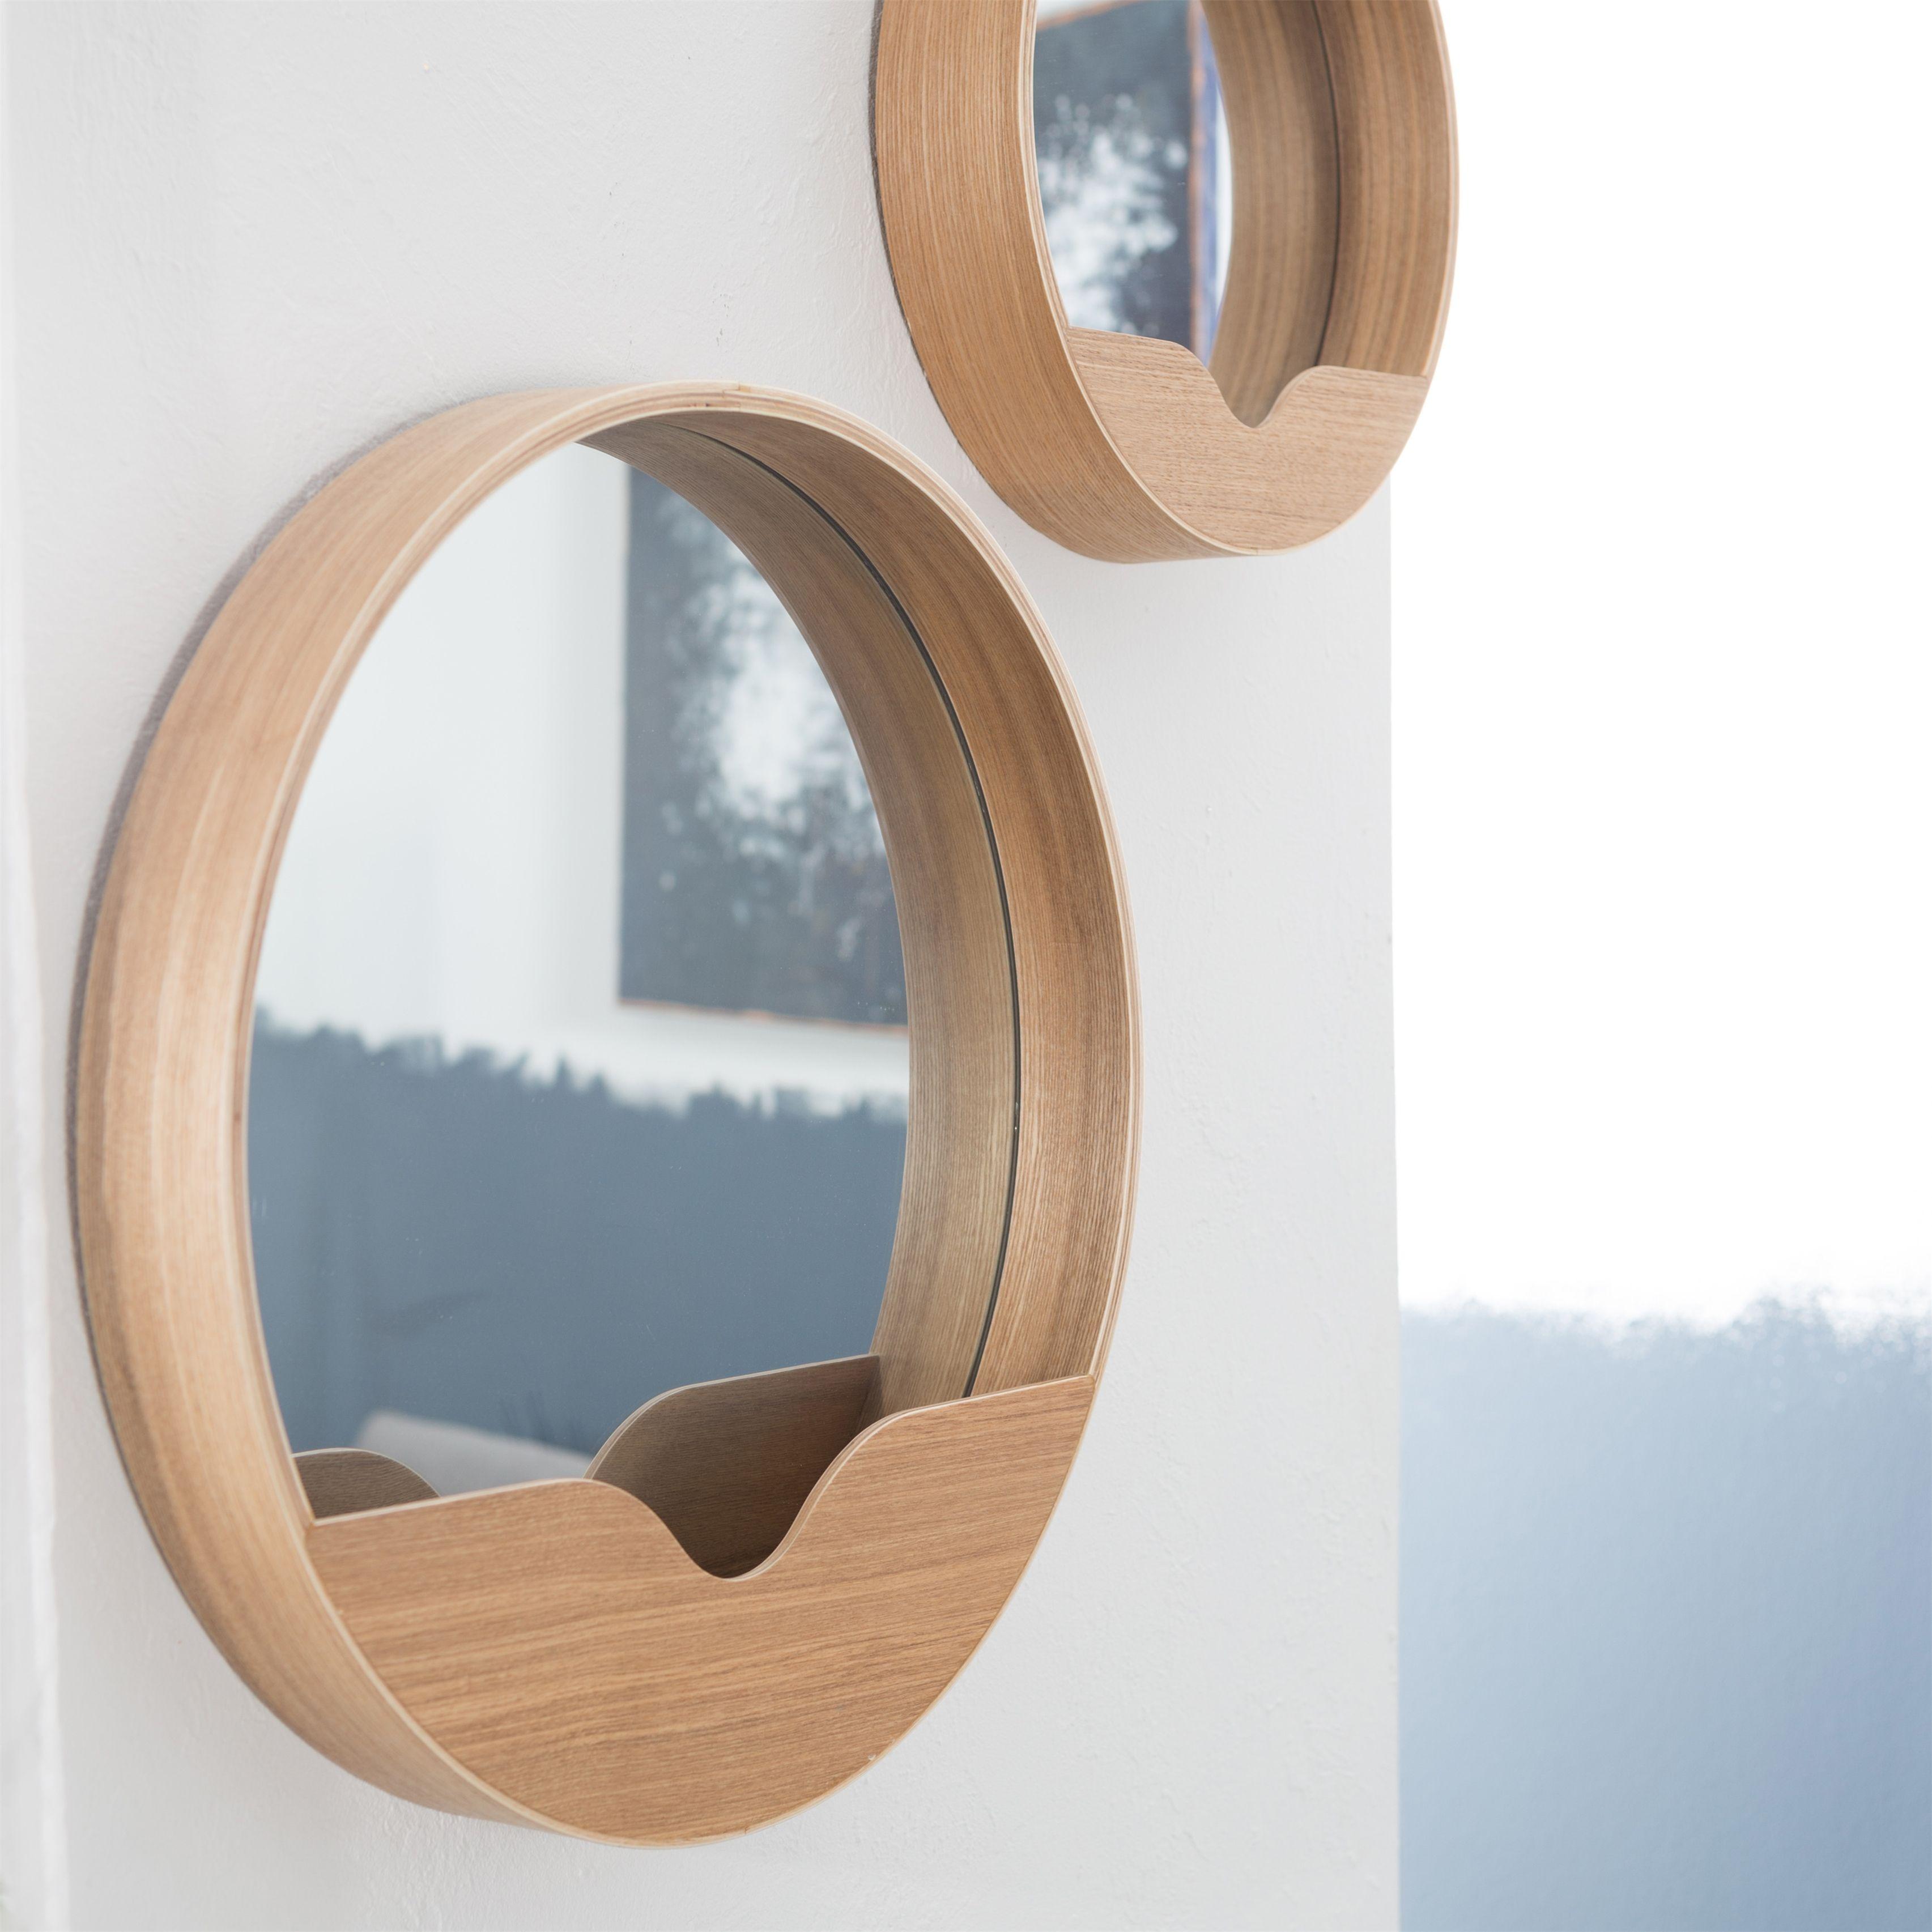 die besten 25 wandspiegel rund ideen auf pinterest gro er wandspiegel rundspiegel und. Black Bedroom Furniture Sets. Home Design Ideas